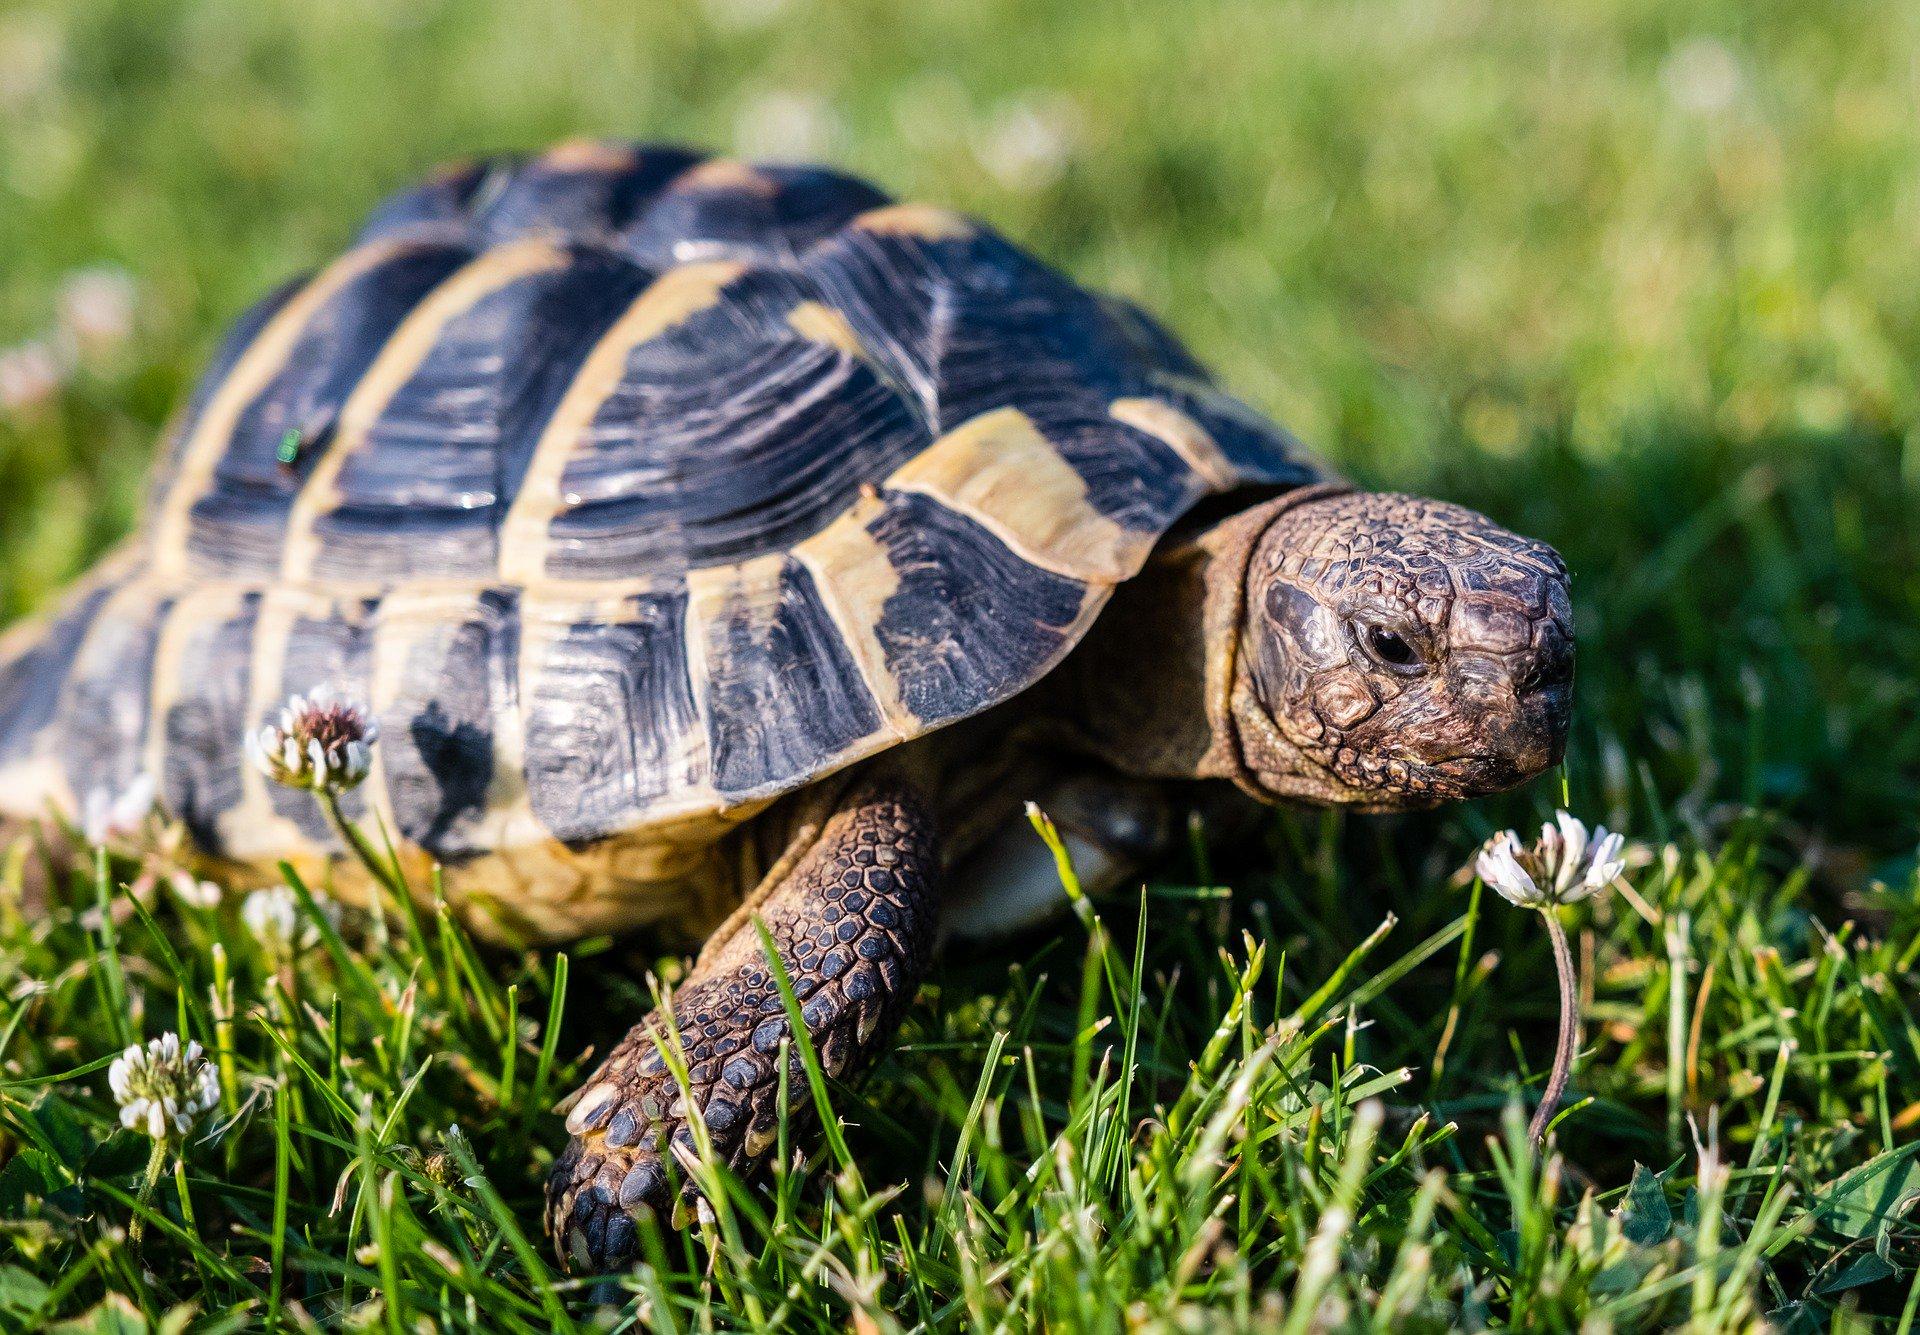 Por qué las tortugas son tan lentas? - Animalear.com